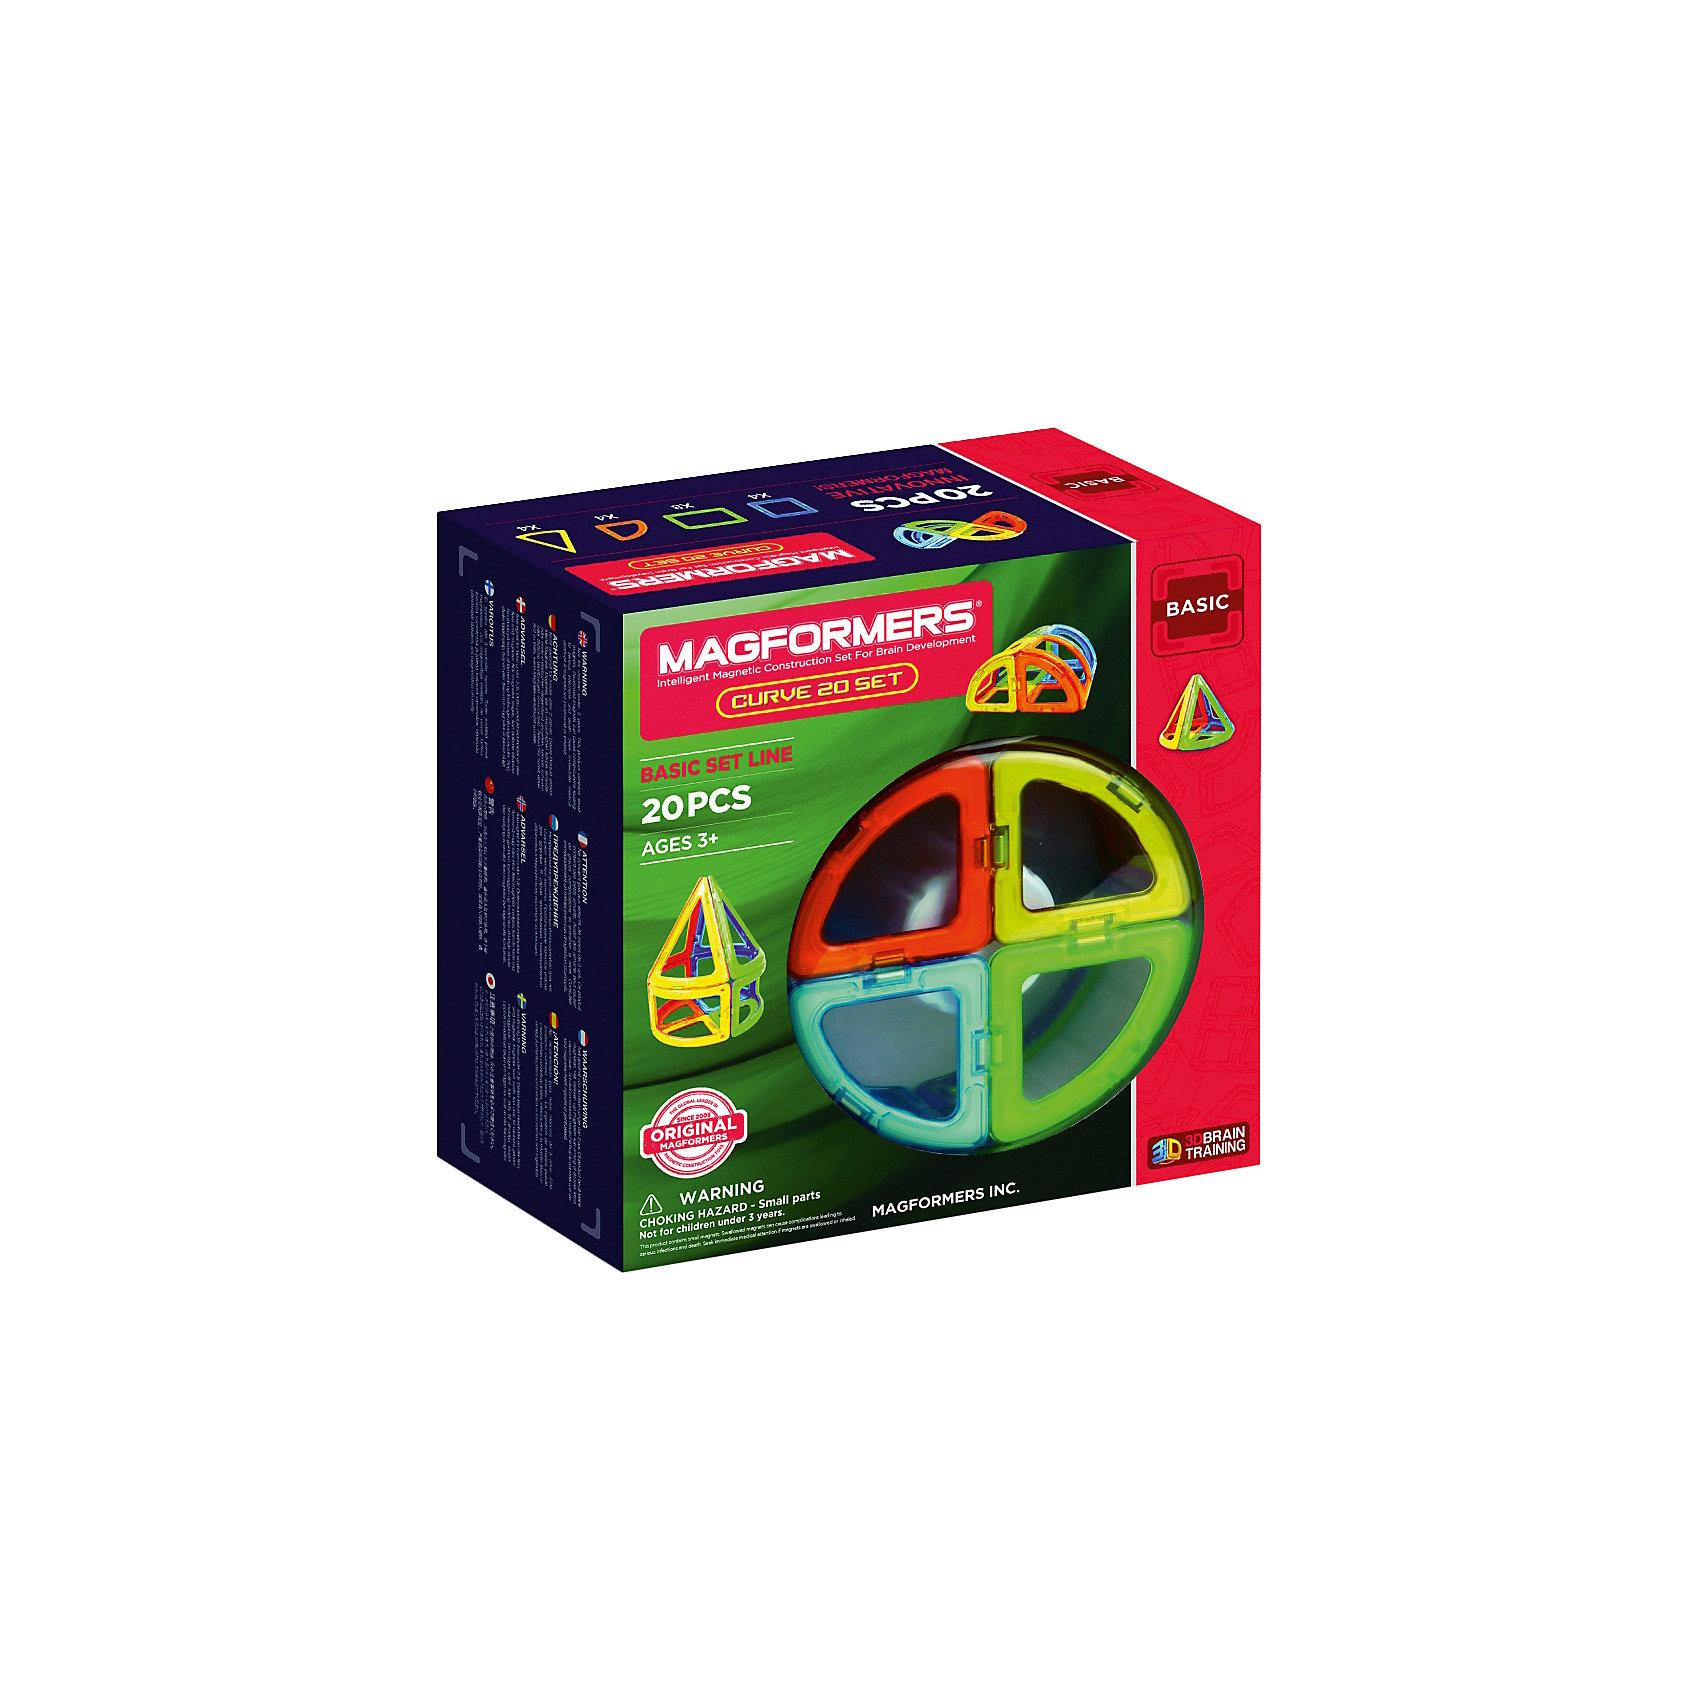 Магнитный конструктор 701010 Curve 20, MAGFORMERSМагнитные конструкторы<br>Характеристики товара:<br><br>• возраст: от 3 лет;<br>• материал: пластик;<br>• в комплекте: 20 деталей, инструкция;<br>• размер упаковки: 22х21х10 см;<br>• вес упаковки: 750 гр.;<br>• страна производитель: Корея.<br><br>Магнитный конструктор Curve 20 Magformers позволит детям построить разнообразные геометрические фигуры, округлые фигурки, башни. Конструктор Magformers — удивительный конструктор, детали которого соединяются между собой благодаря магнитам. Магниты внутри элементов уже сделаны таким образом, что позволяют им присоединяться и поворачиваться друг к другу нужной стороной.<br><br>В набор входят изогнутые детали, арки, конусы, благодаря которым получаются необычные модели округлой формы. Конструктор развивает у детей пространственное и логическое мышление, мелкую моторику рук, воображение и фантазию. Элементы выполнены из прочного качественного пластика.<br><br>Магнитный конструктор Curve 20 Magformers можно приобрести в нашем интернет-магазине.<br><br>Ширина мм: 220<br>Глубина мм: 210<br>Высота мм: 100<br>Вес г: 750<br>Возраст от месяцев: 36<br>Возраст до месяцев: 2147483647<br>Пол: Унисекс<br>Возраст: Детский<br>SKU: 6881971